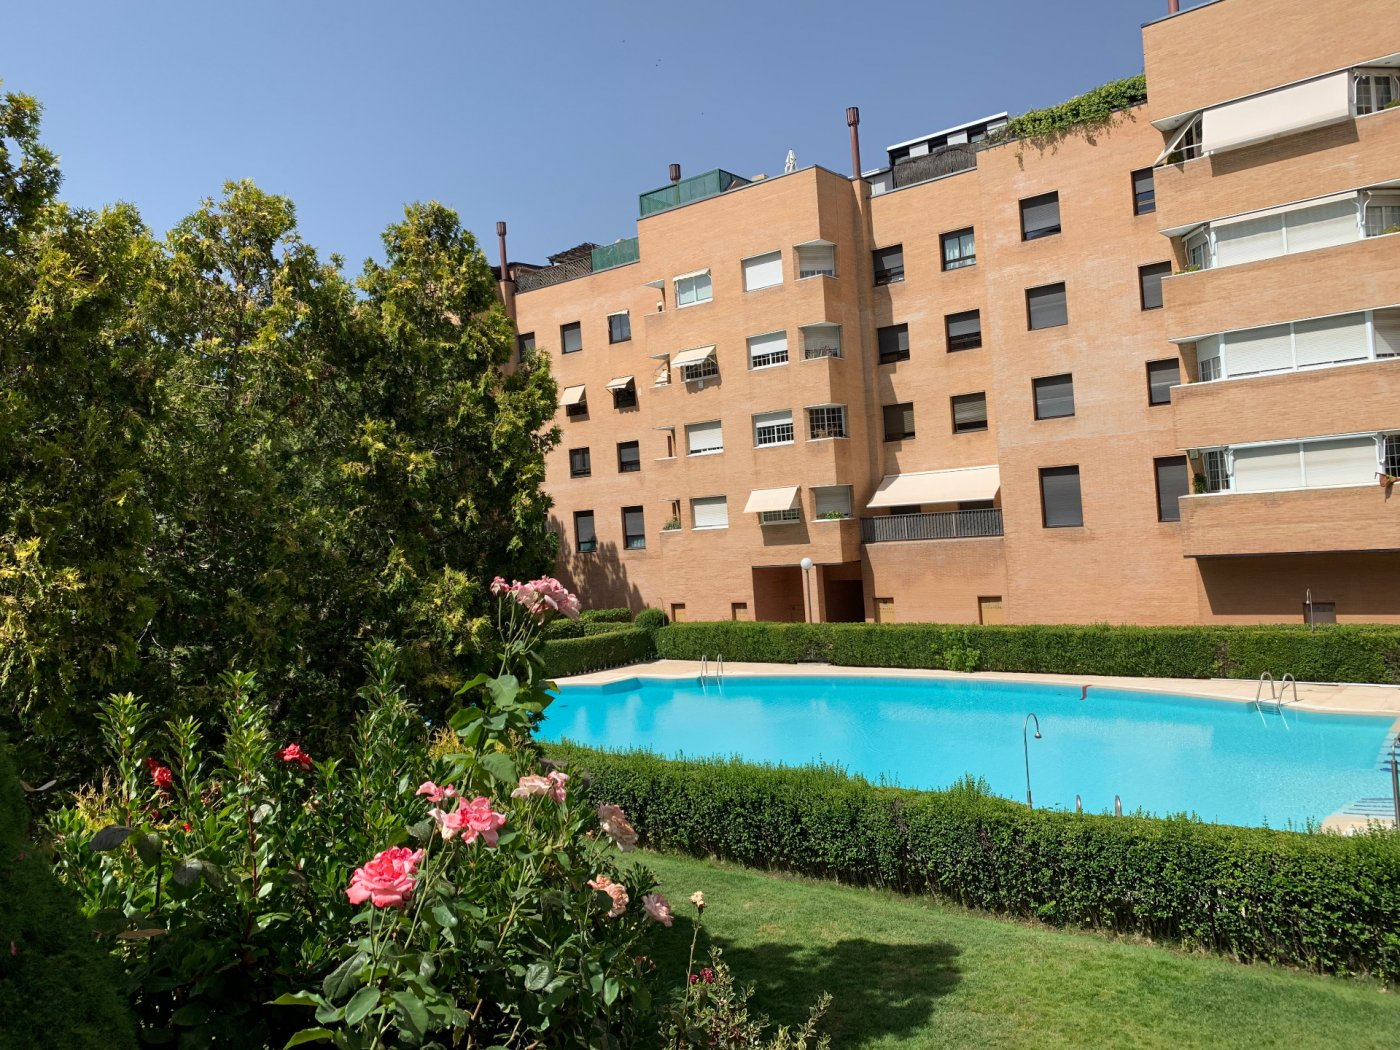 Venta o alquiler de piso en madrid - imagenInmueble35